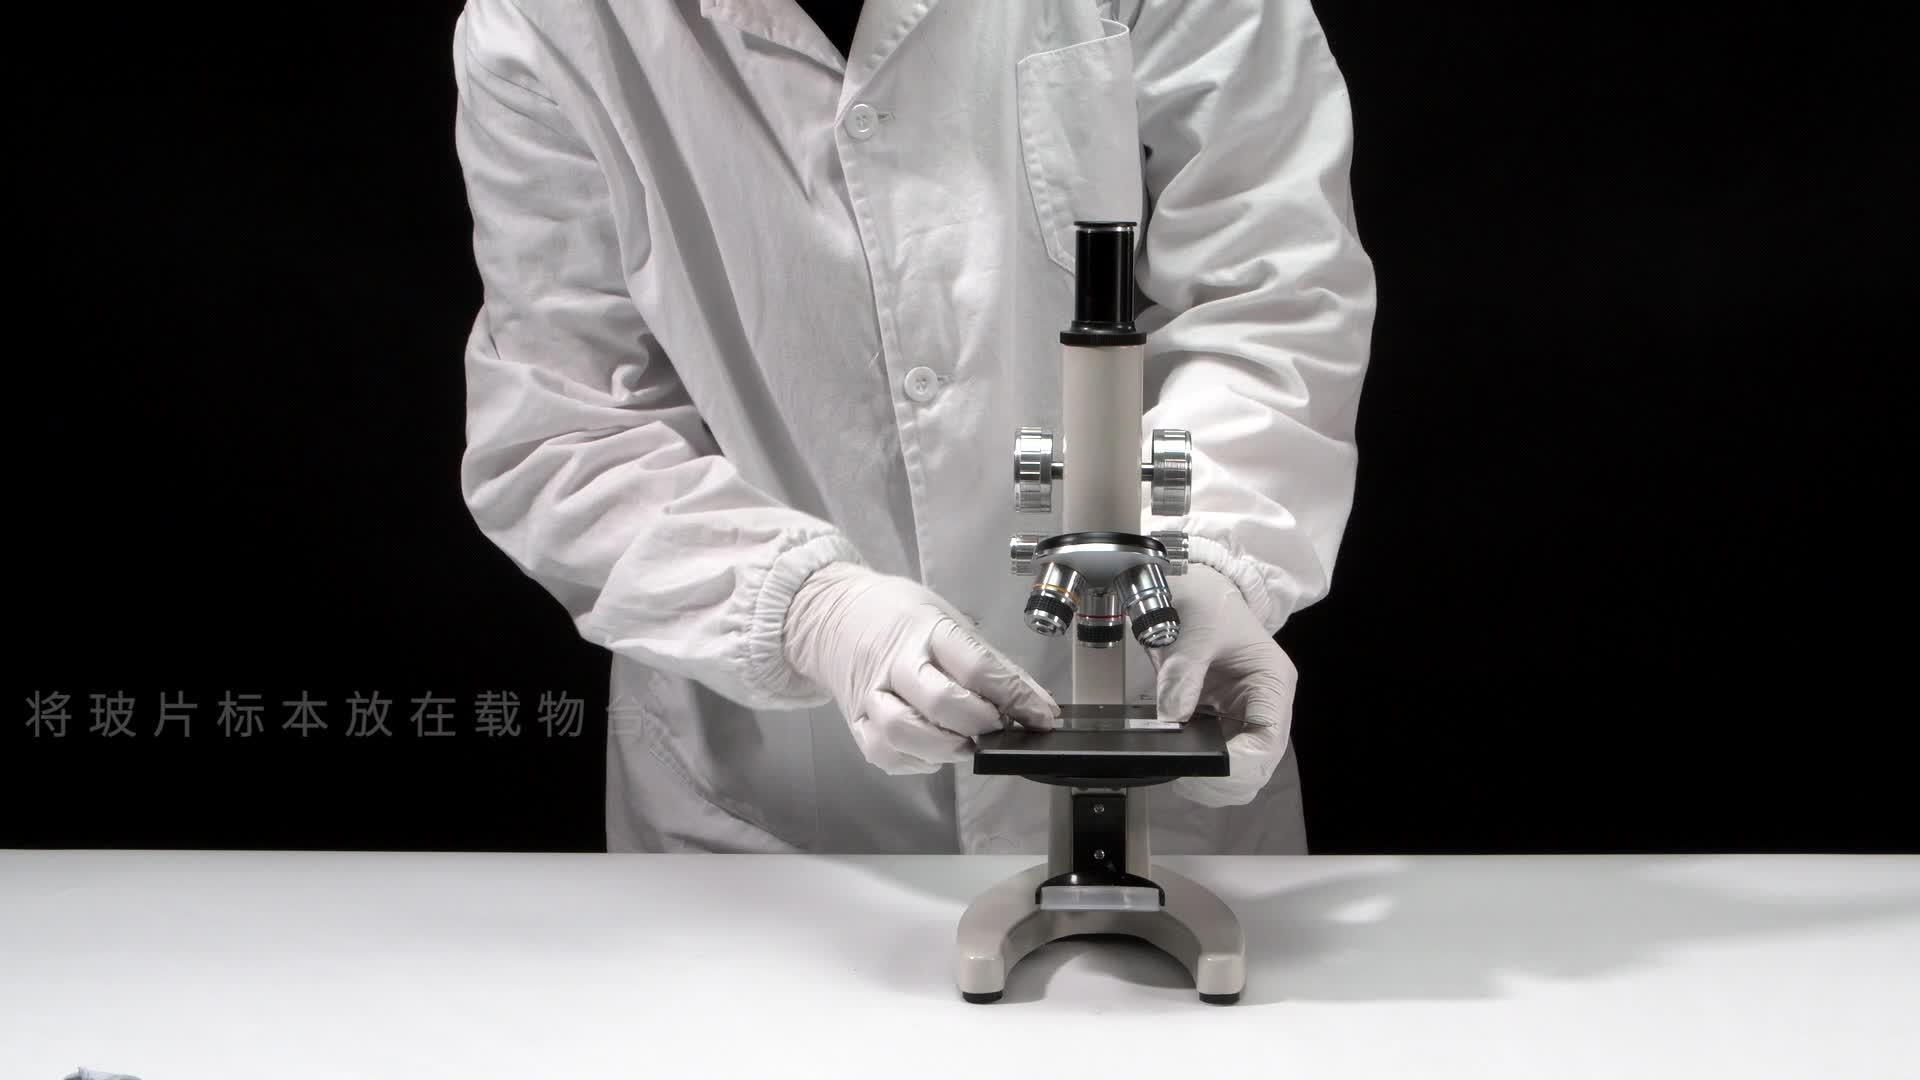 2.1.1 显微镜的使用-【火花学院】人教版七年级生物上册 第二单元 生物体的结构层次 第一章 细胞是生命活动的基本单位 第一节 练习使用显微镜  [来自e网通客户端]